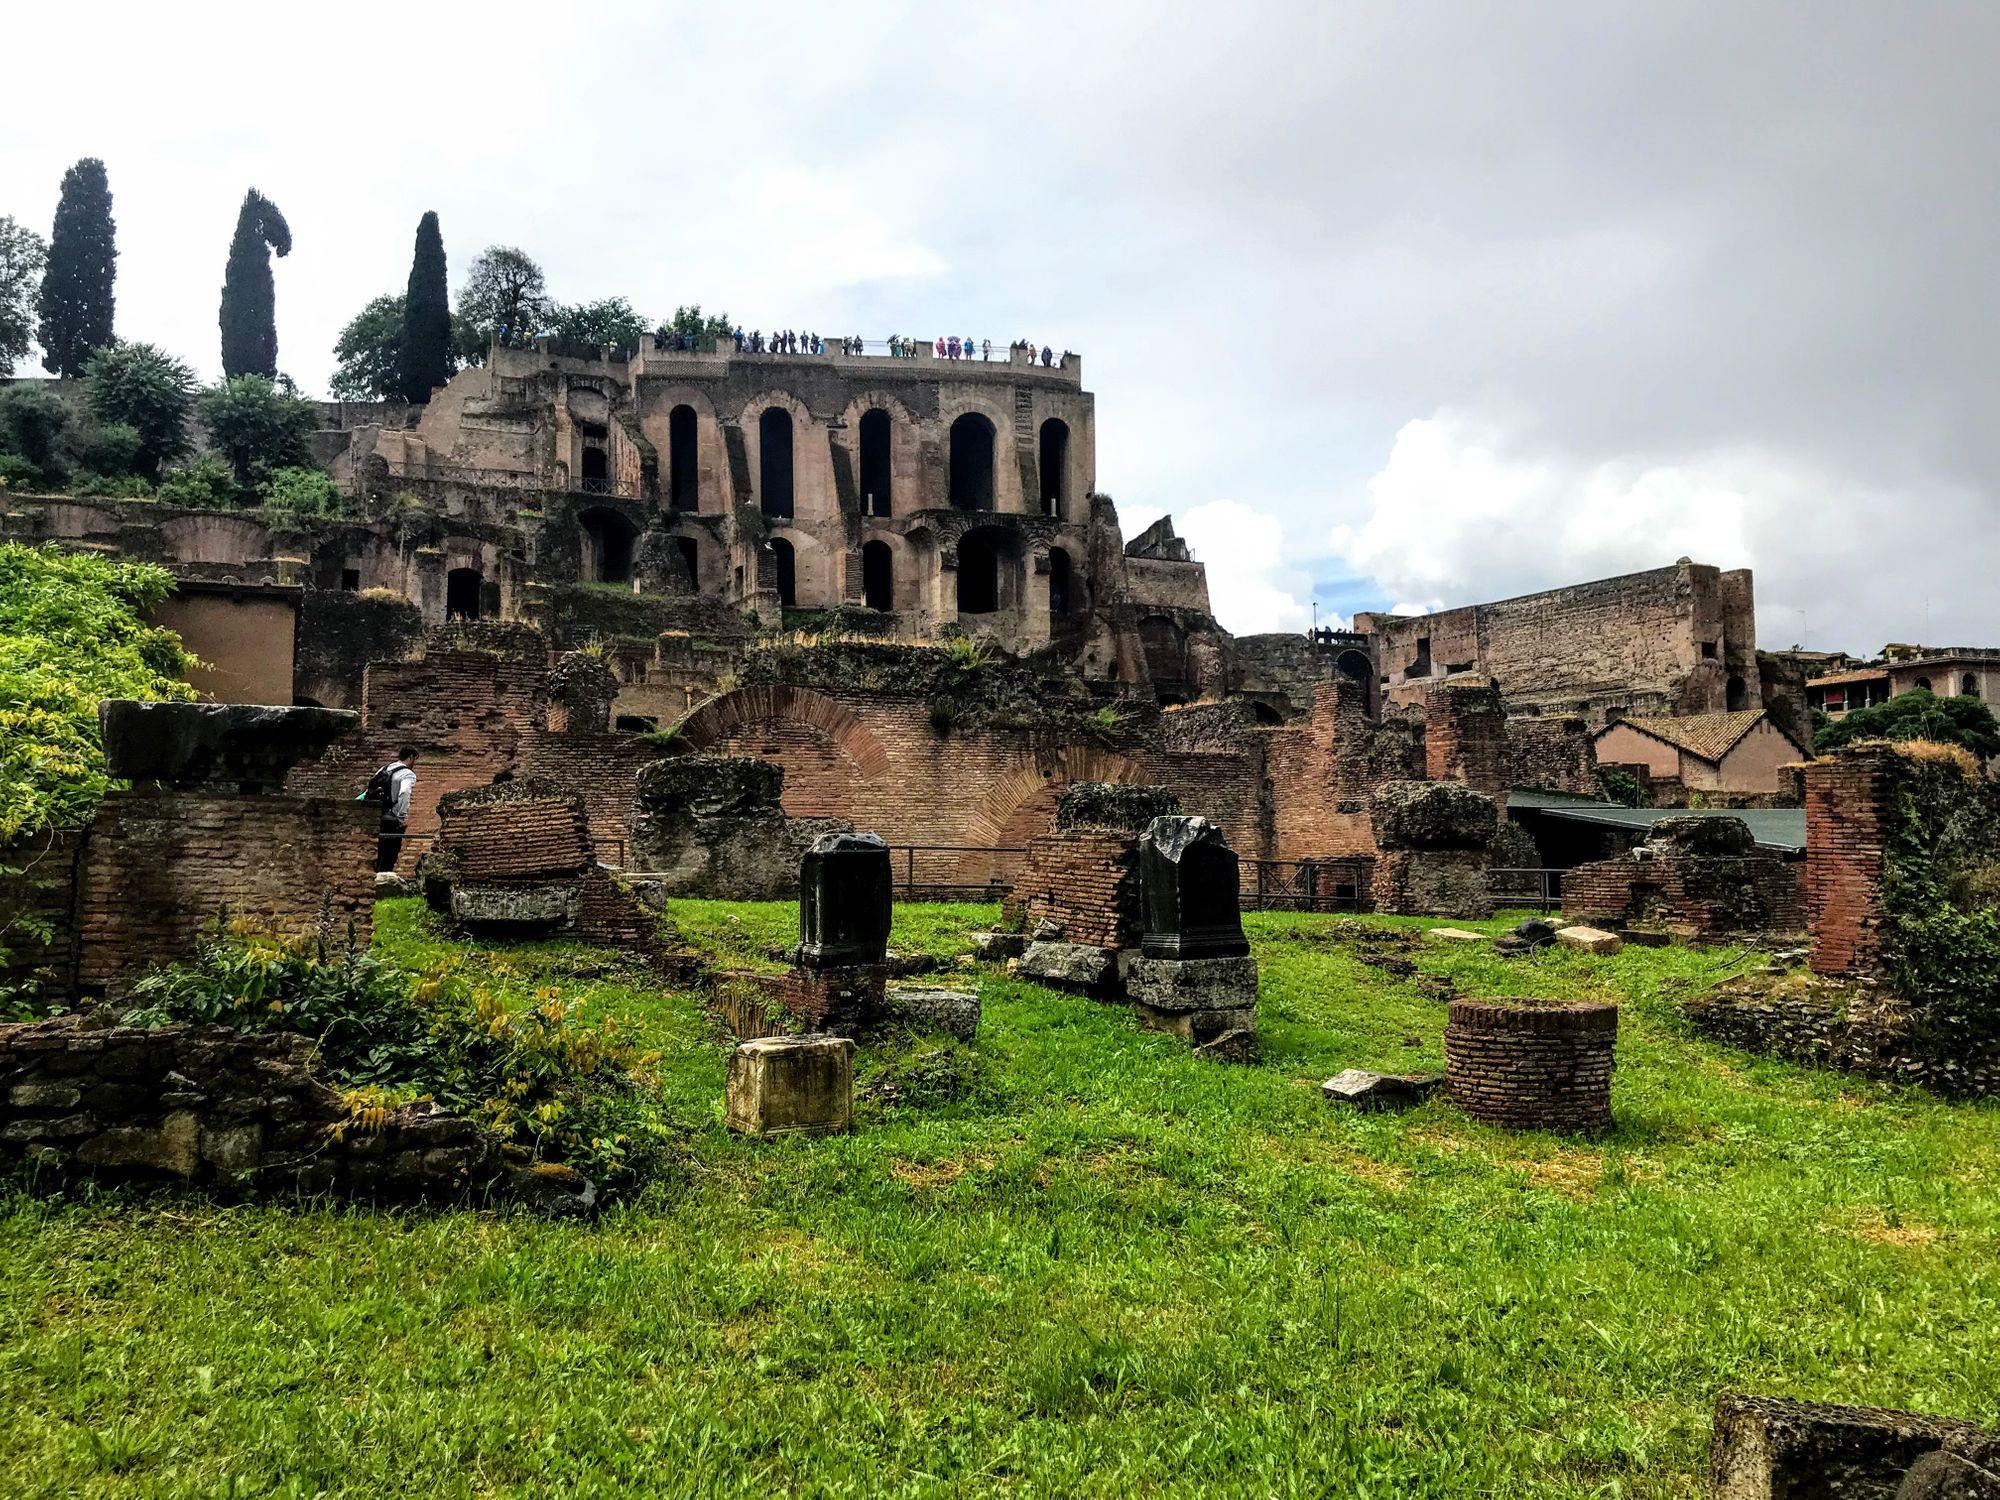 Italia y España. Paseando por Roma, día III